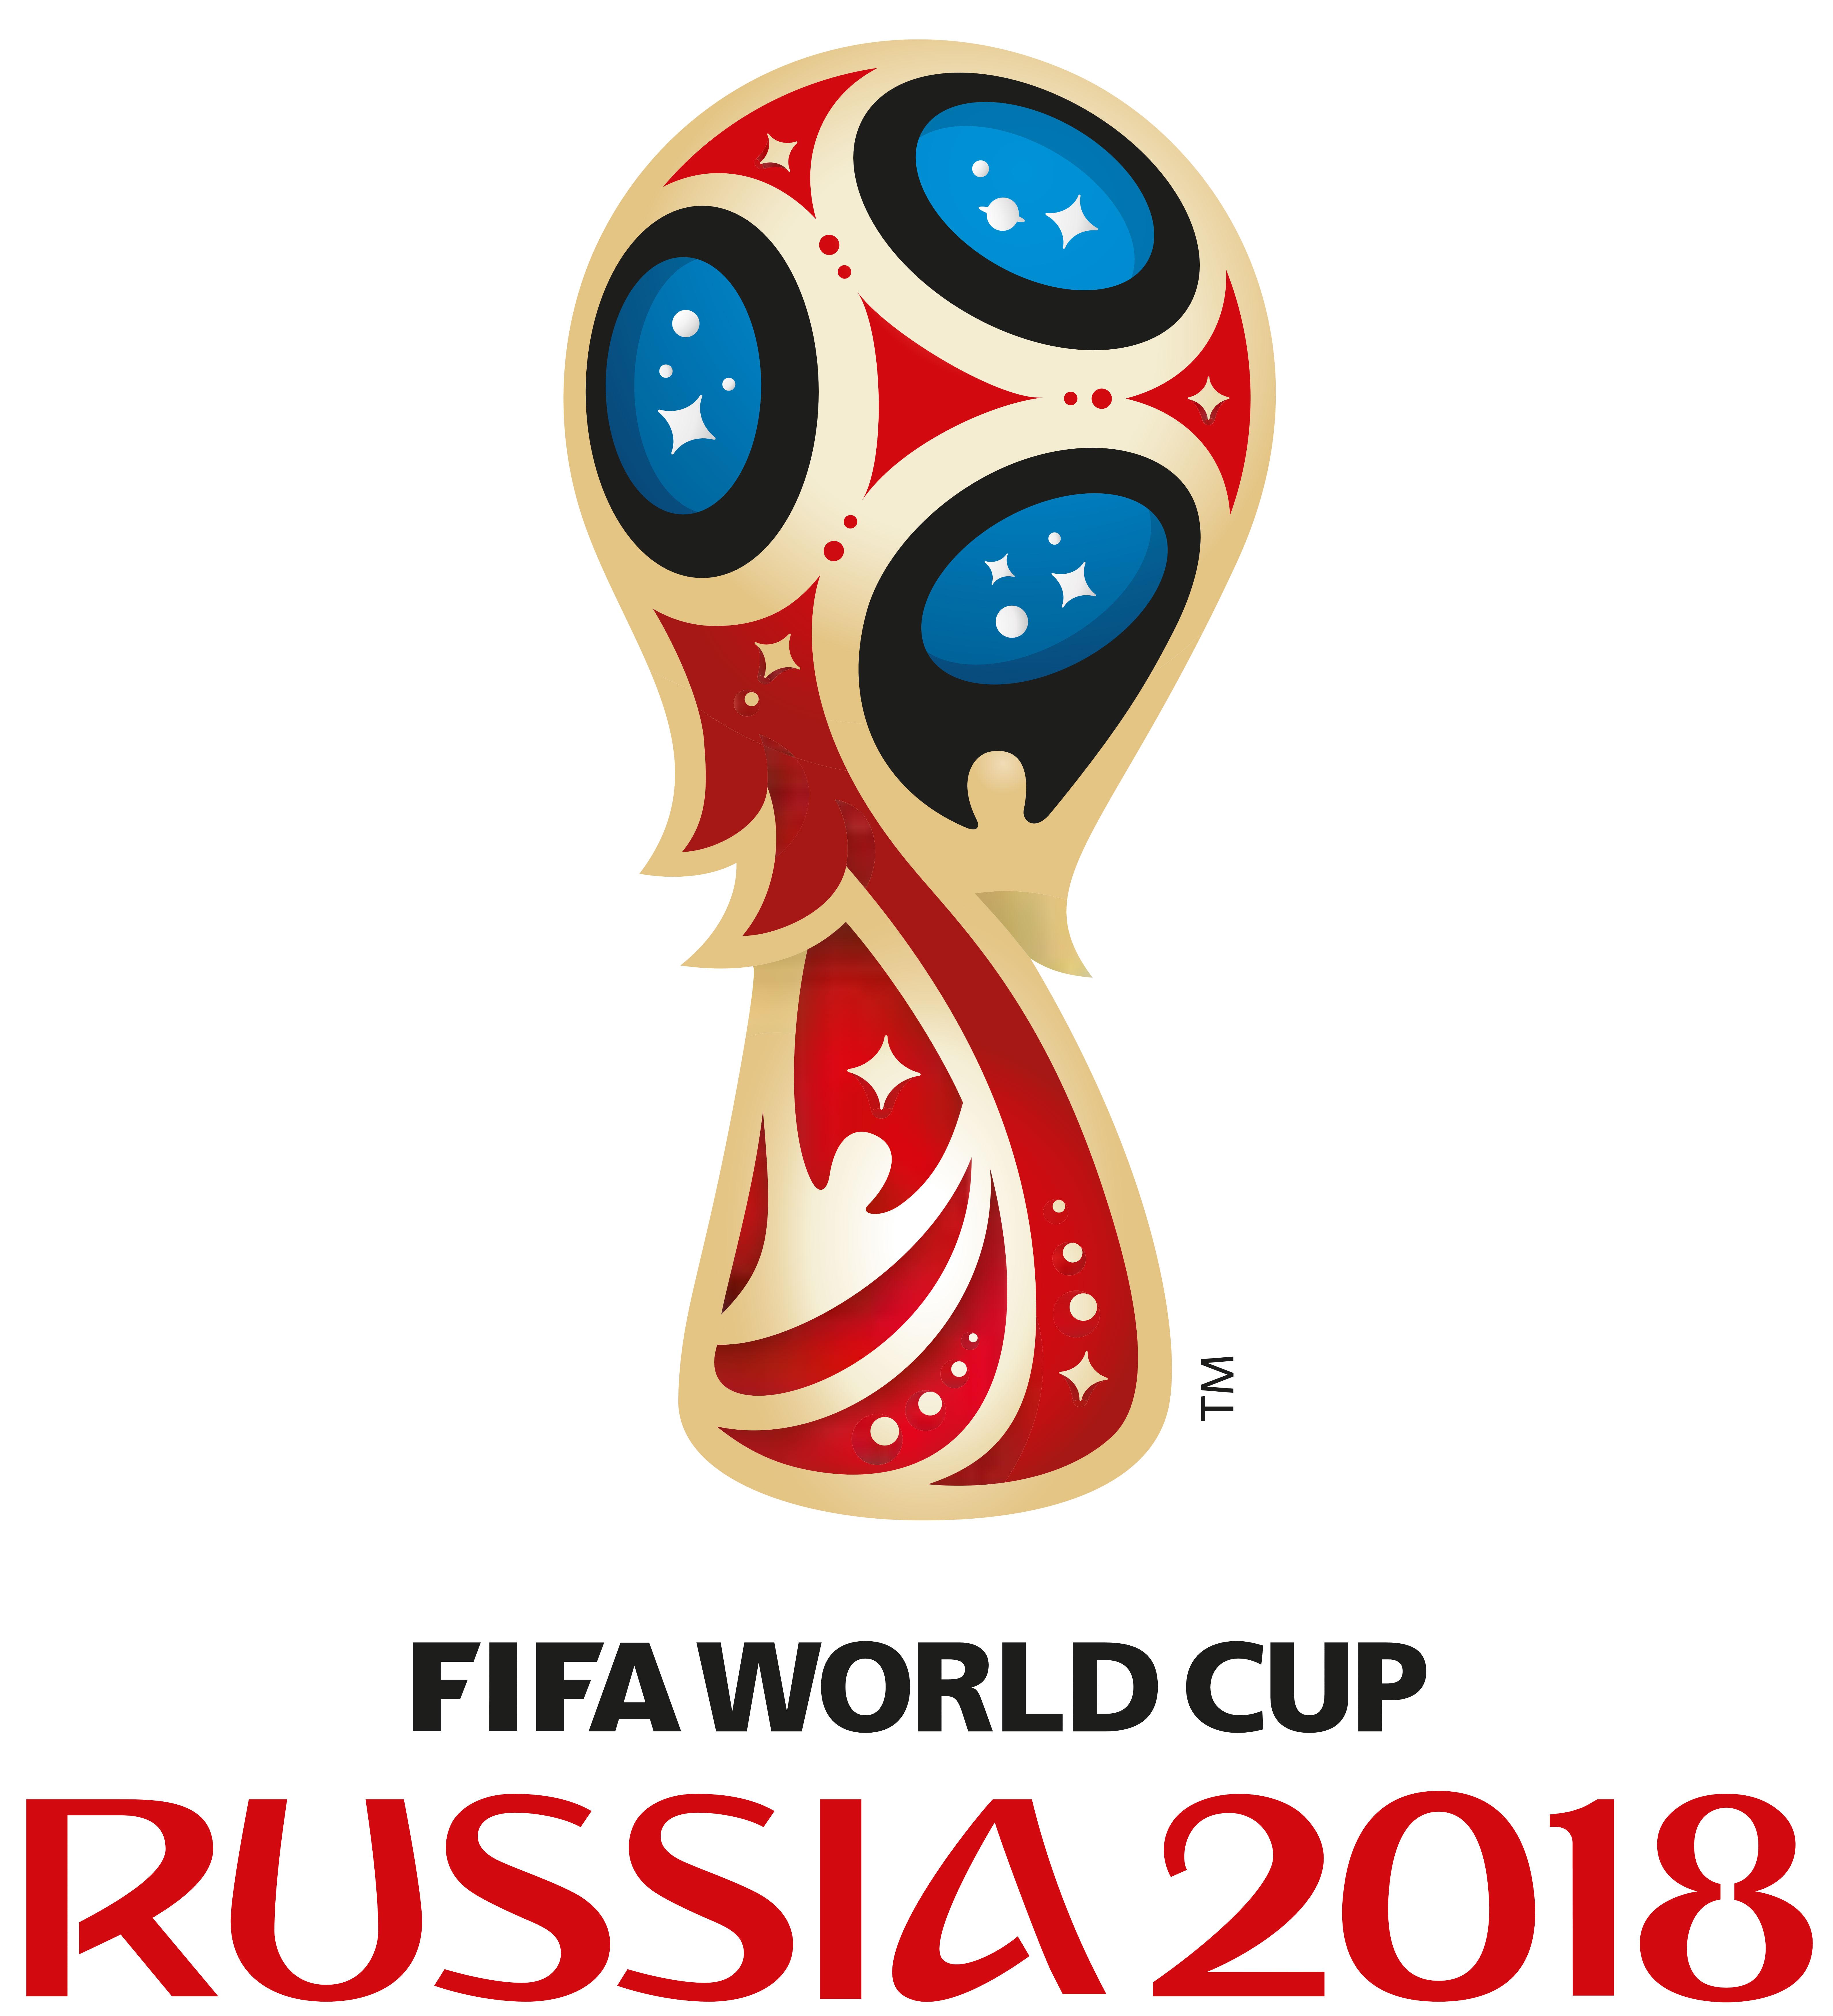 لوگوی جام جام جهانی 2018 روسیه : russia world cup 2018 logo